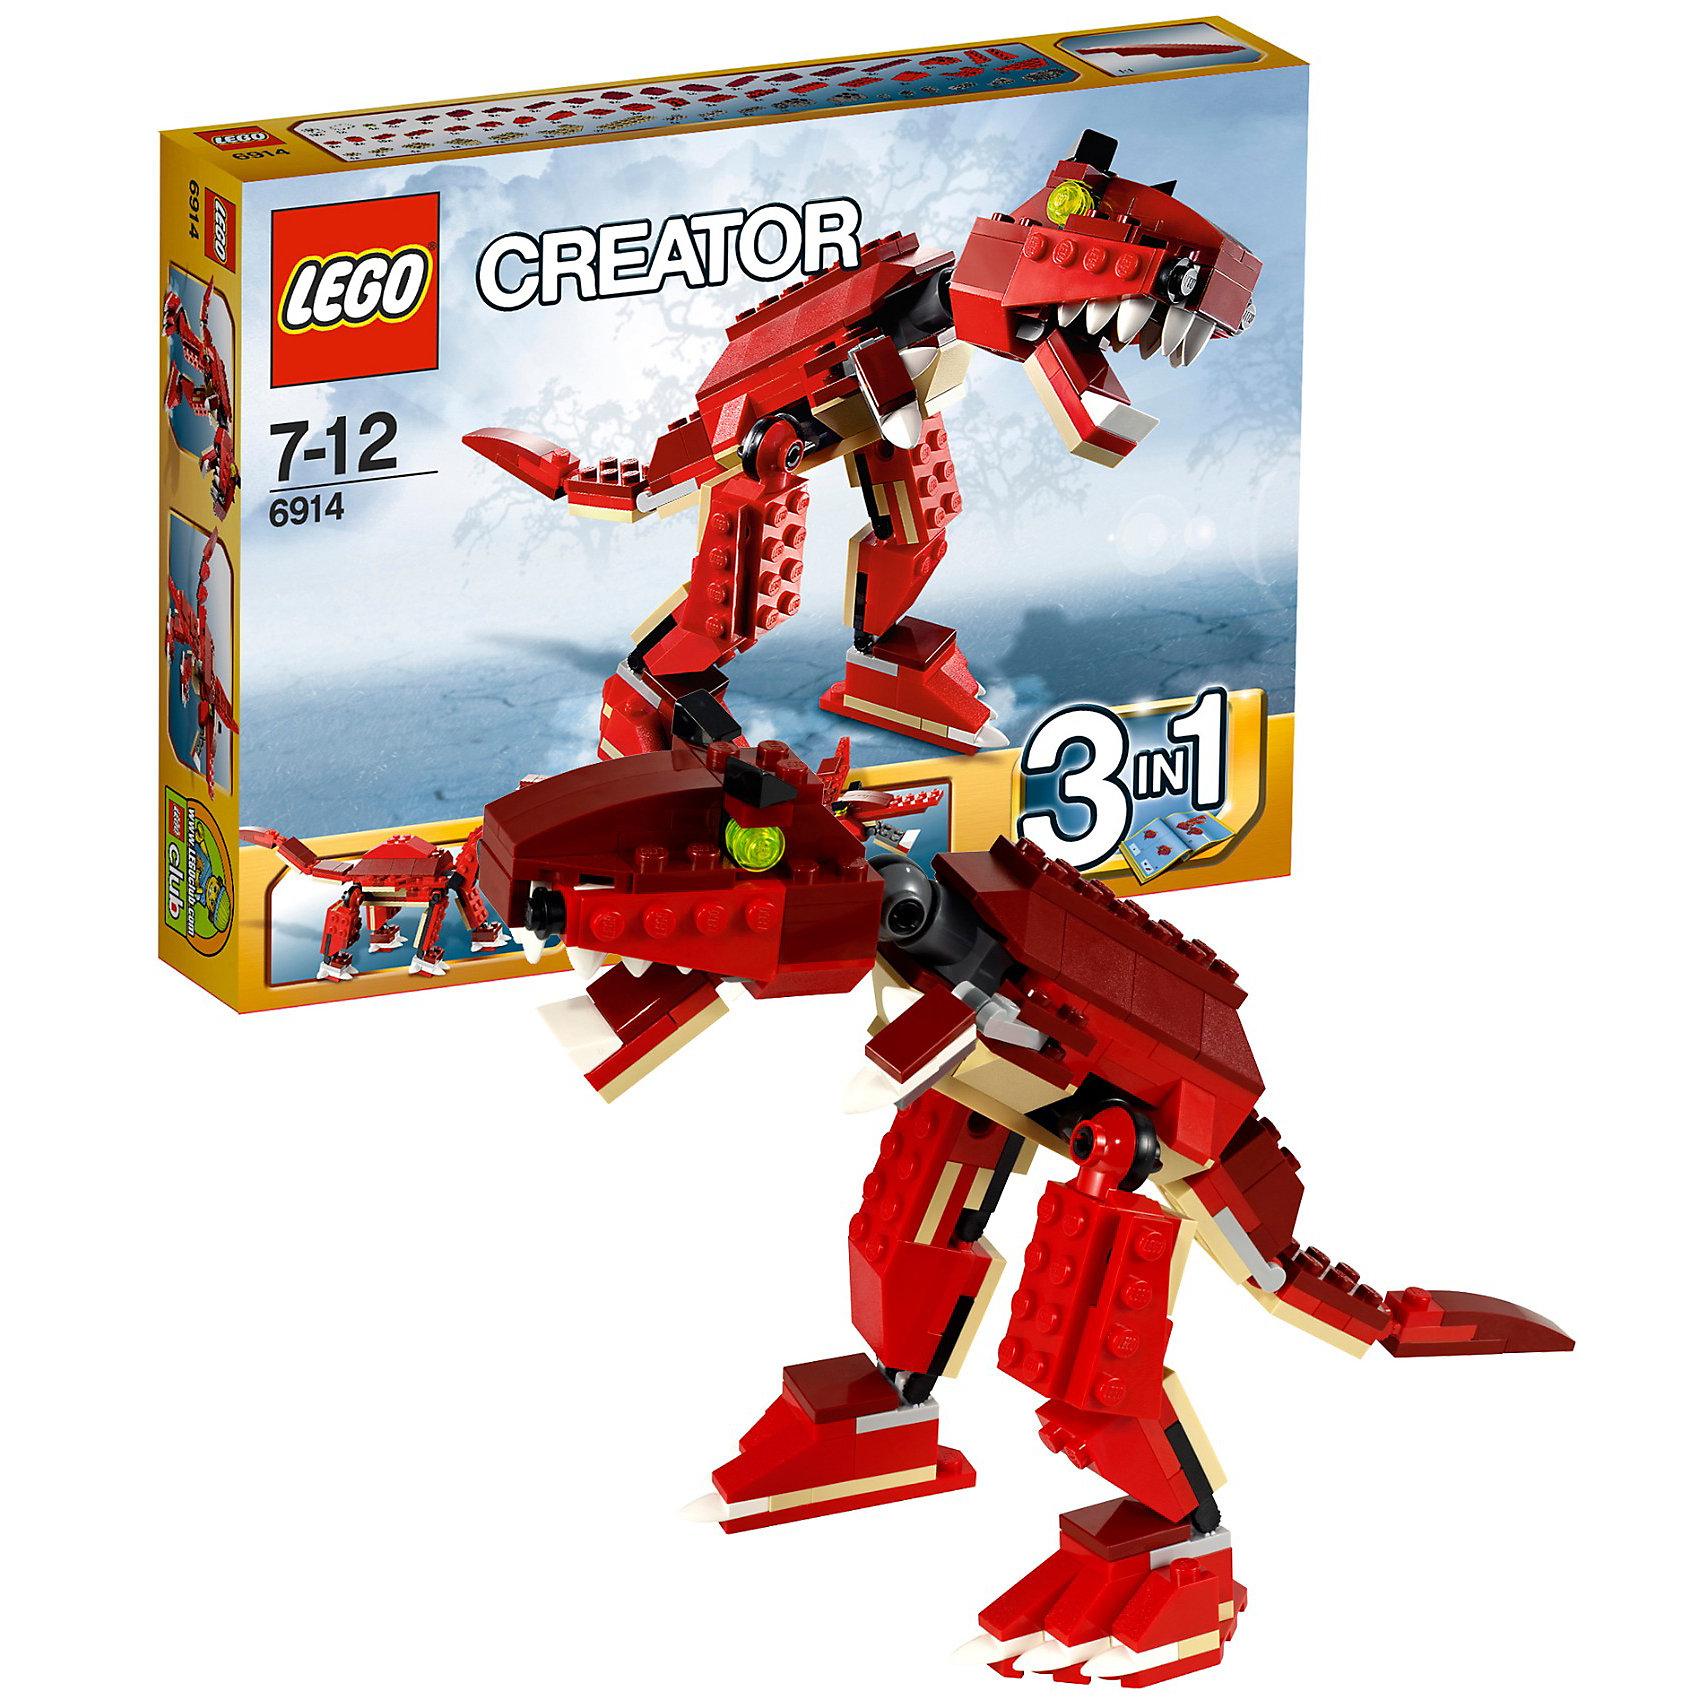 LEGO Creator 6914: Динозавр хищникМчись изо всех сил, страшный Тиранозавр рекс вырвался на волю! Этот динозавр с открывающейся пастью с множеством зубов, мощными движущимися лапами и длинным хвостом не в настроении играть! Или перестрой его в летающего птеродактиля с двигающимися крыльями или двигающегося брахиозавра.<br><br>Ширина мм: 263<br>Глубина мм: 192<br>Высота мм: 48<br>Вес г: 293<br>Возраст от месяцев: 84<br>Возраст до месяцев: 144<br>Пол: Мужской<br>Возраст: Детский<br>SKU: 2362073